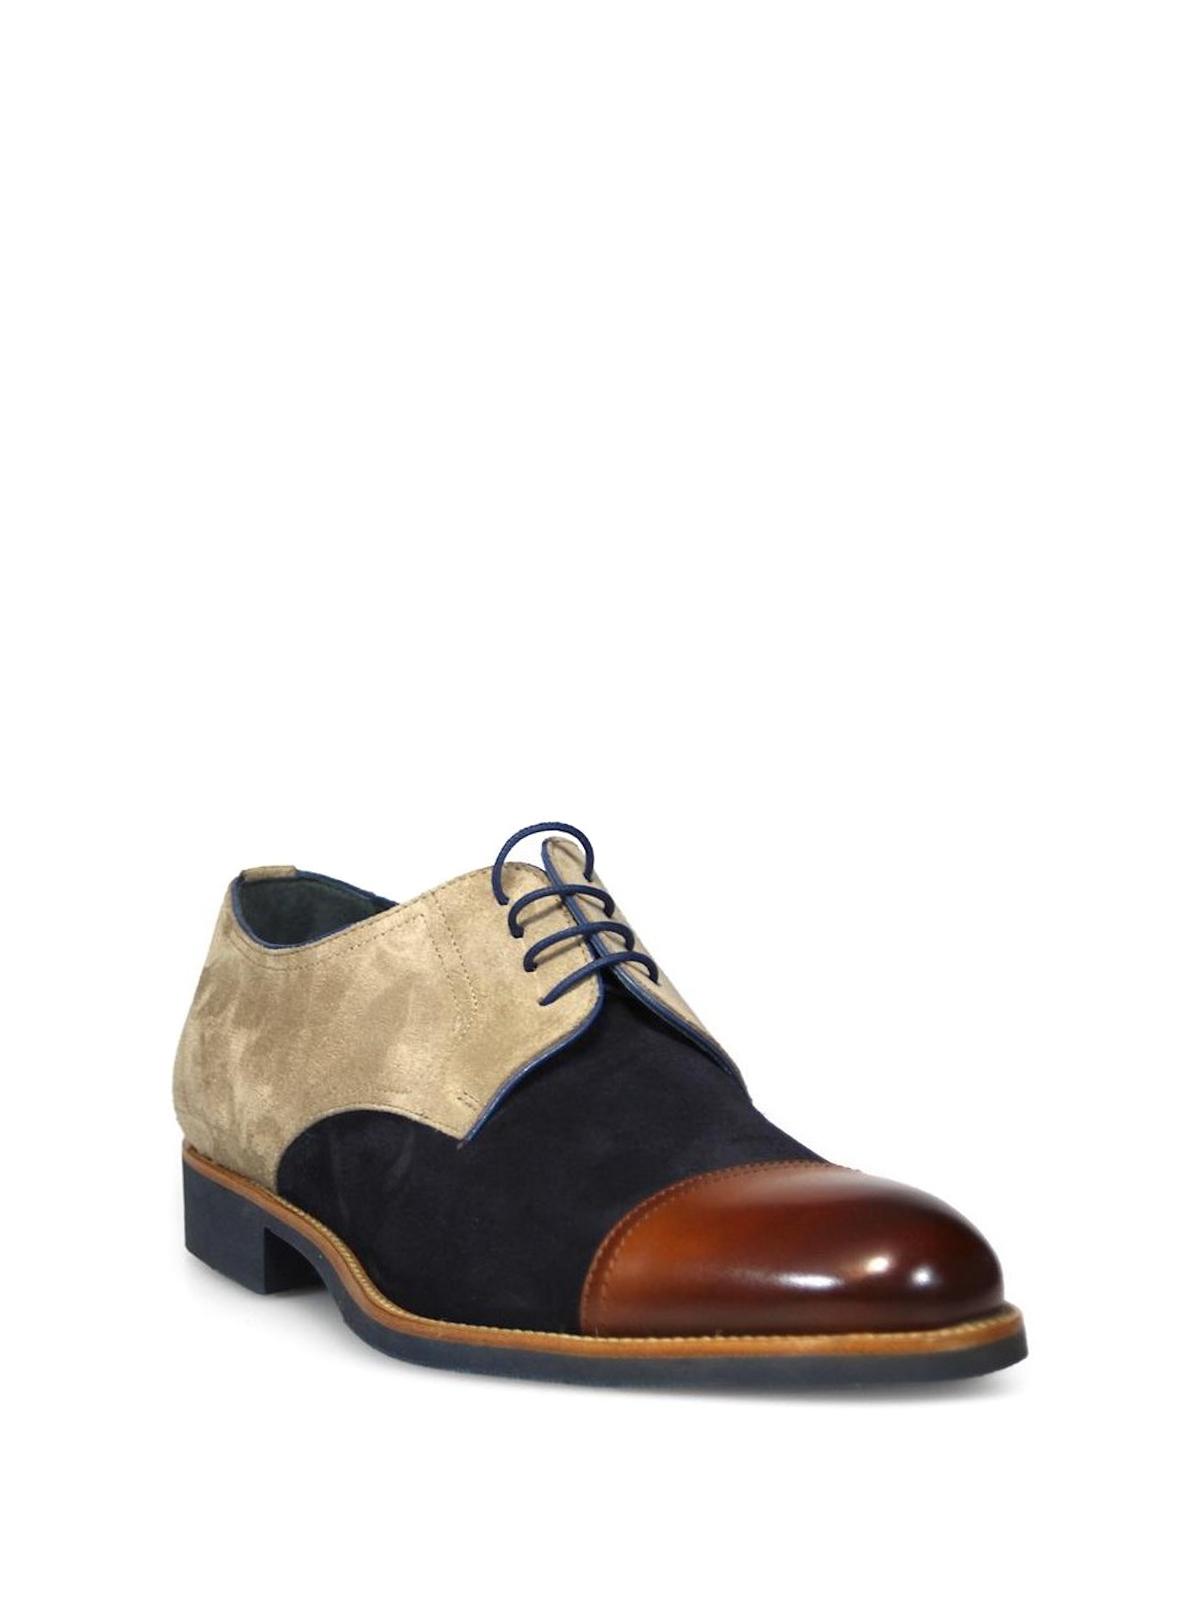 premium selection eb1e8 ec953 Moreschi - Derby in camoscio e pelle tricolore - scarpe ...